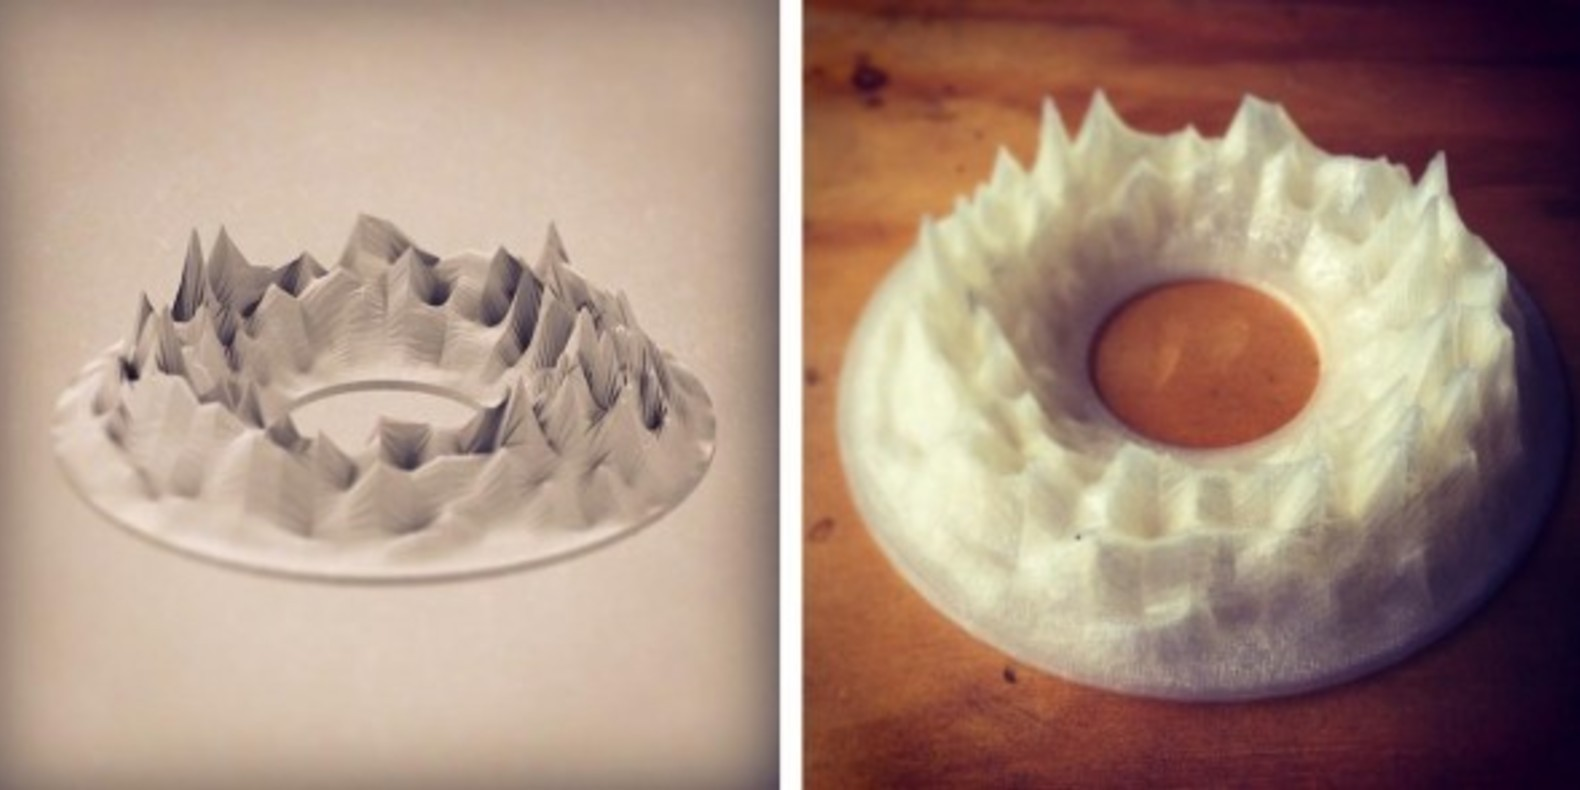 Lukasz Karluk holodecks 3D printing sound music sculpture design cults cults3D fichier 3D Zebra 2